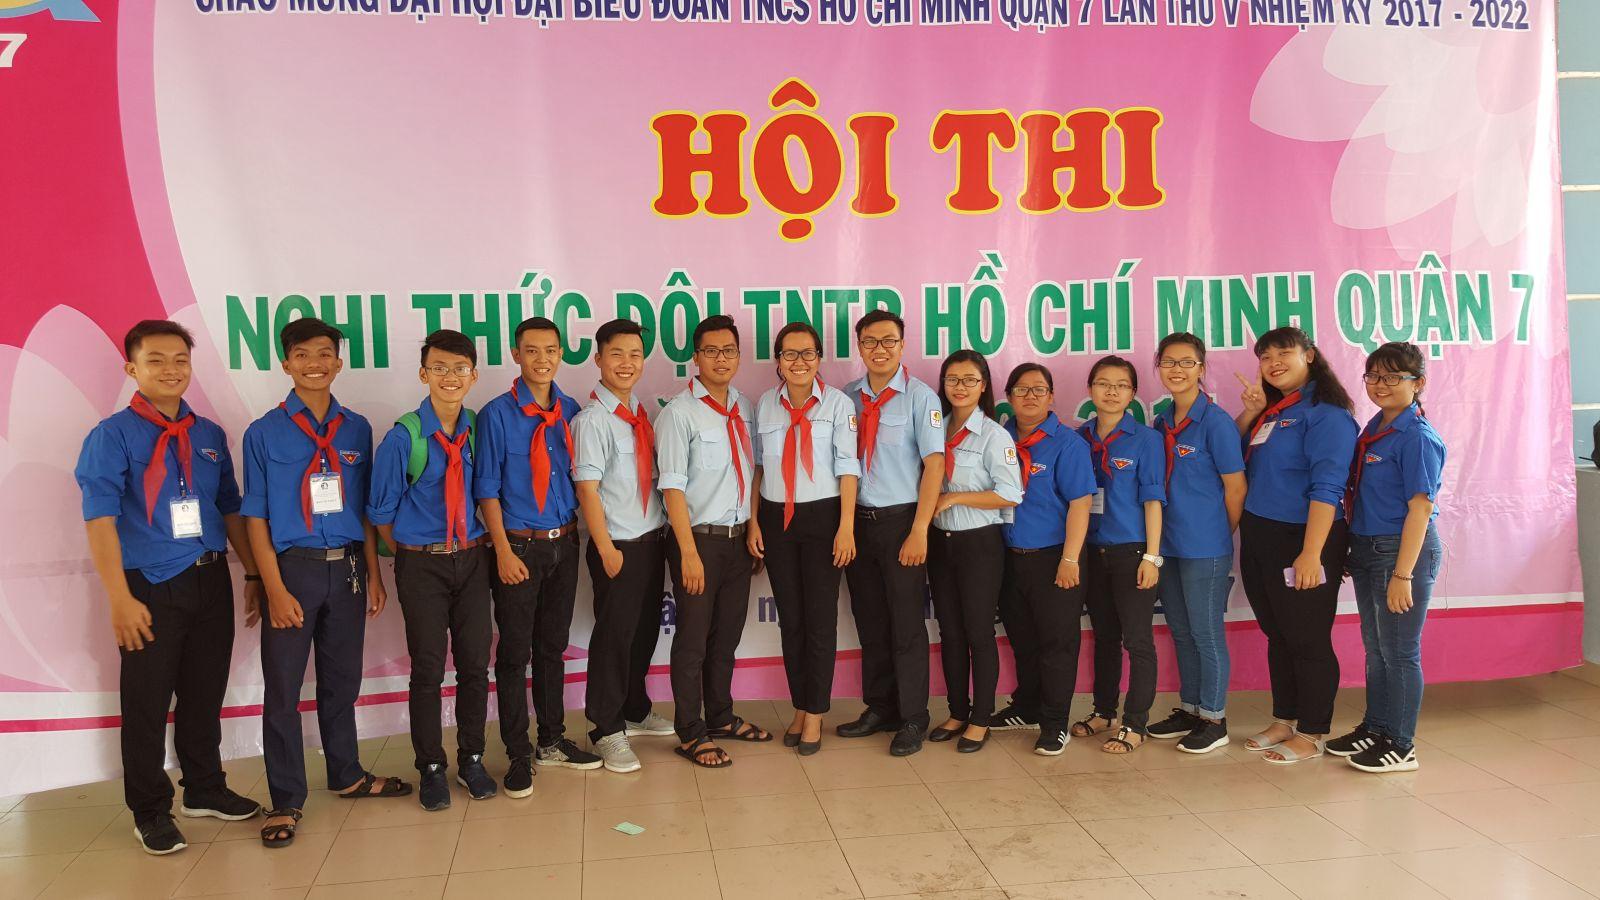 Hội thi Nghi thức Đội TNTP HCM năm 2017